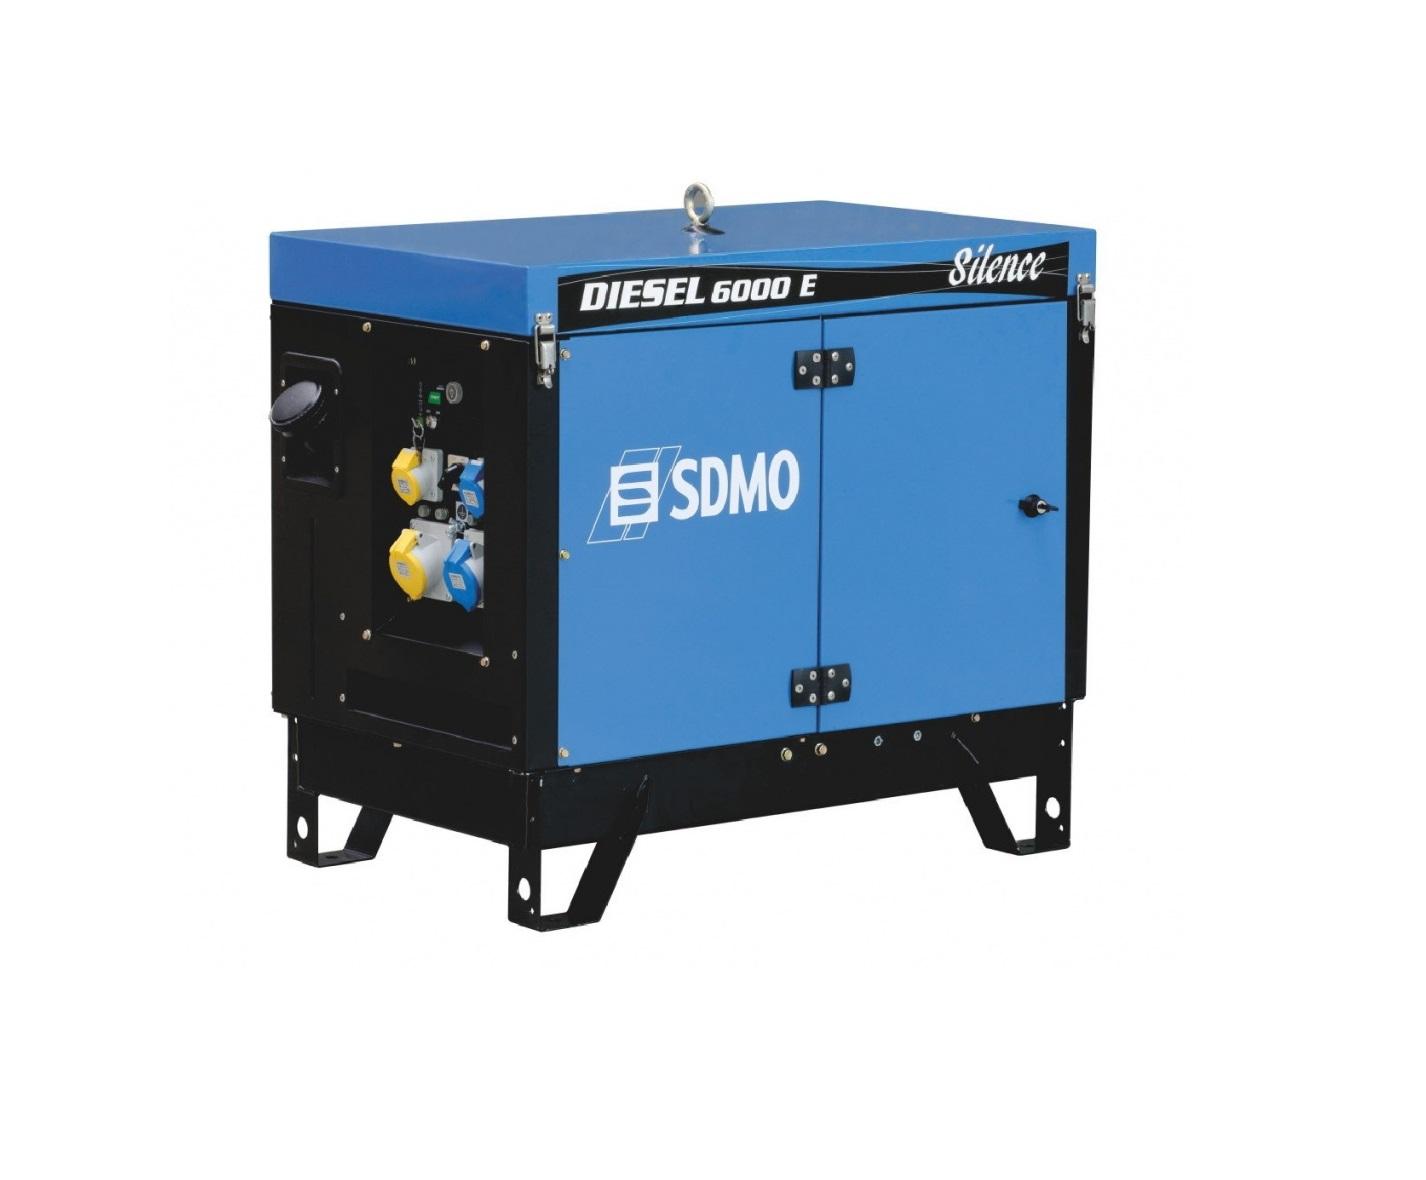 Дизельный генератор (электростанция) SDMO DIESEL 6000 E SILENCE